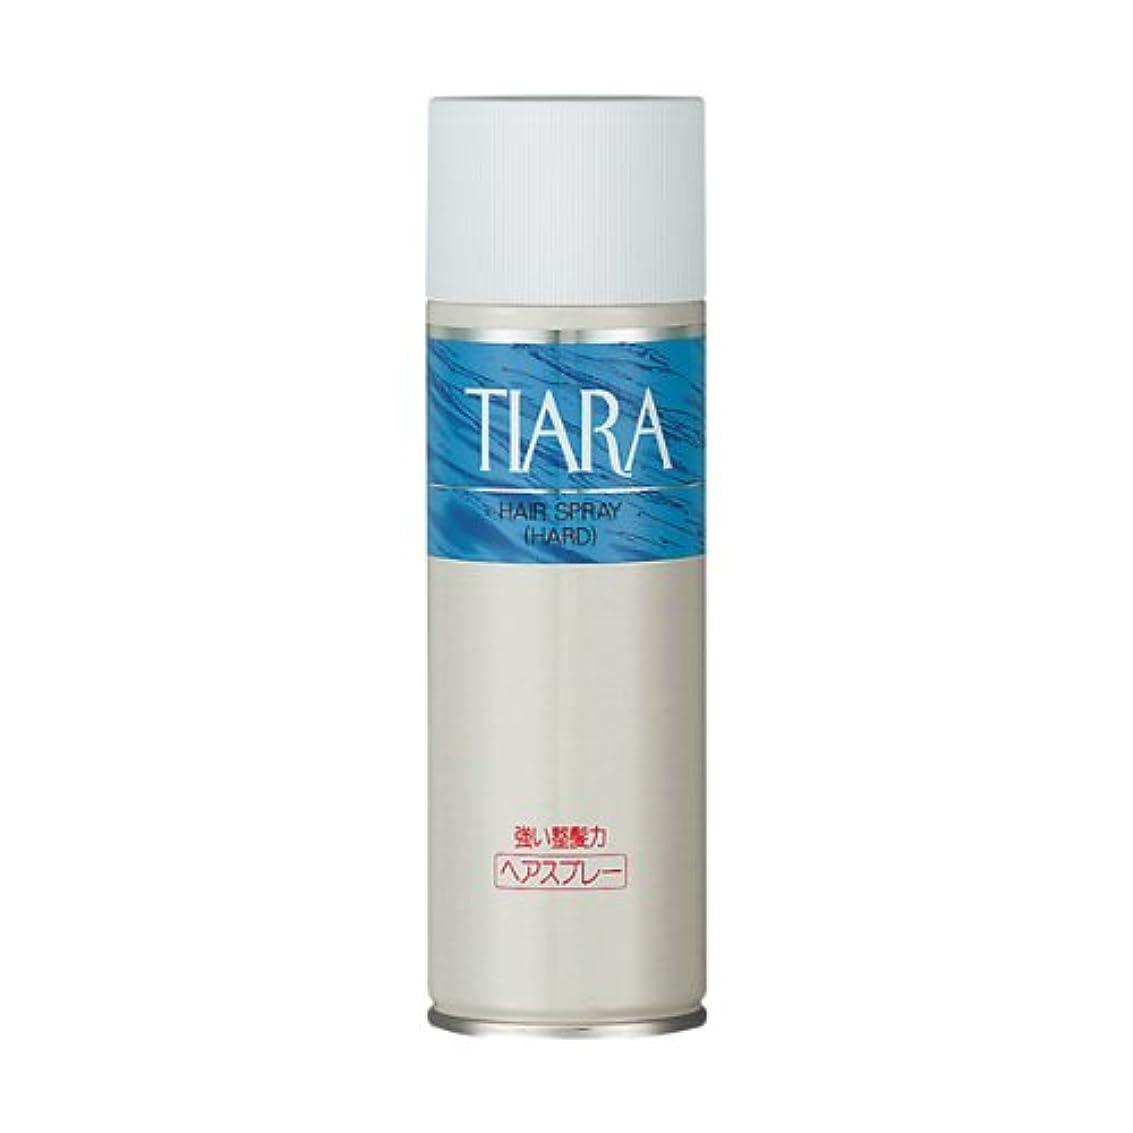 髄湿度強調ティアラ ヘアスプレイ (ハード) 155g